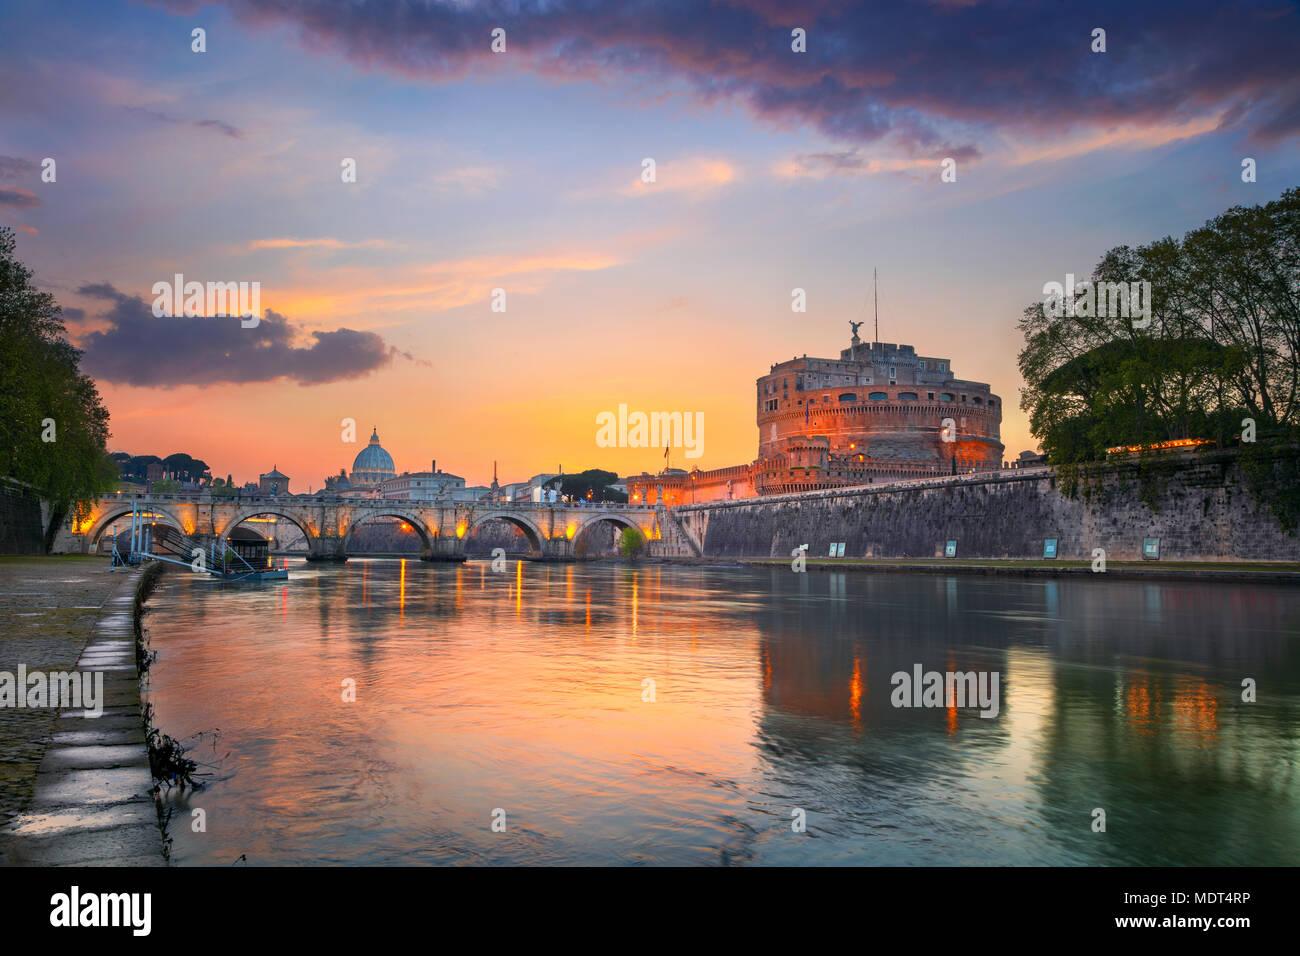 Roma. Immagine del castello di Santo Angelo e di Santo Angelo ponte sopra il fiume Tevere a Roma al tramonto. Immagini Stock